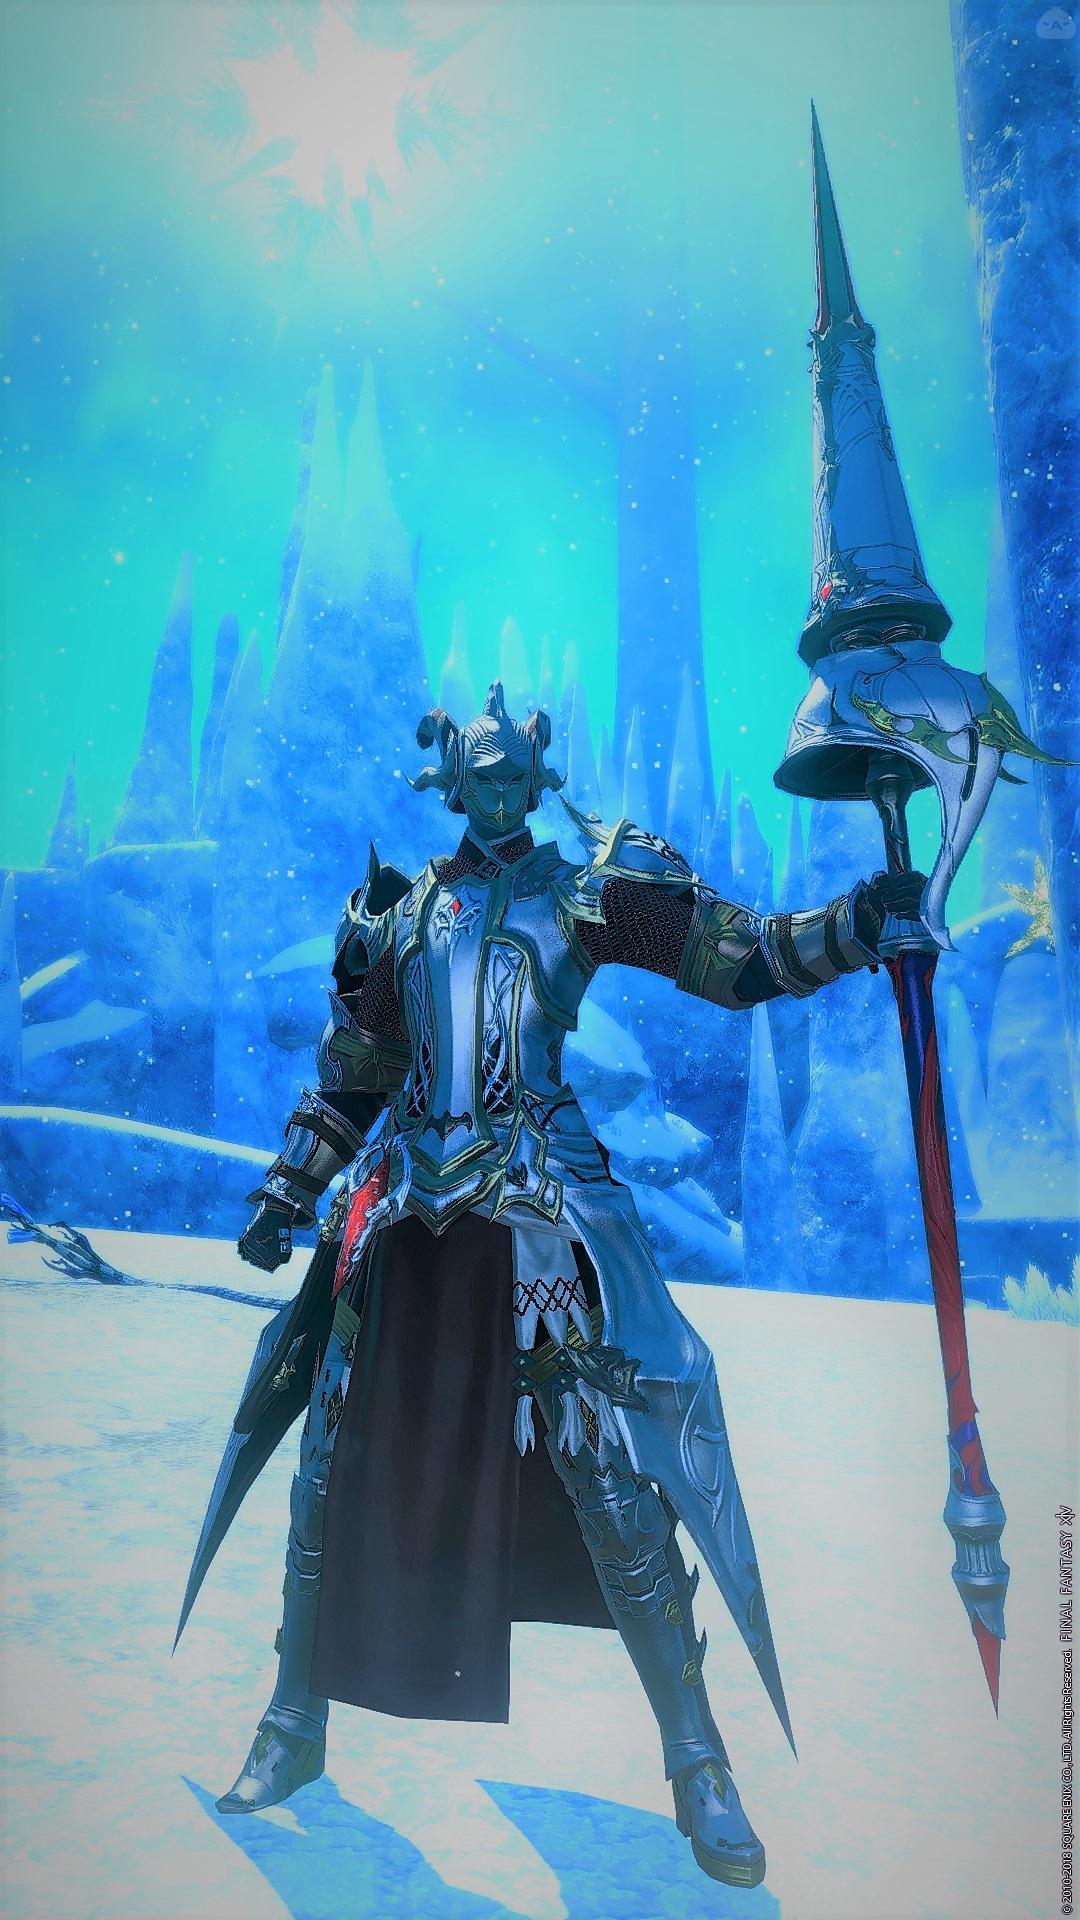 銀鎧の聖騎士